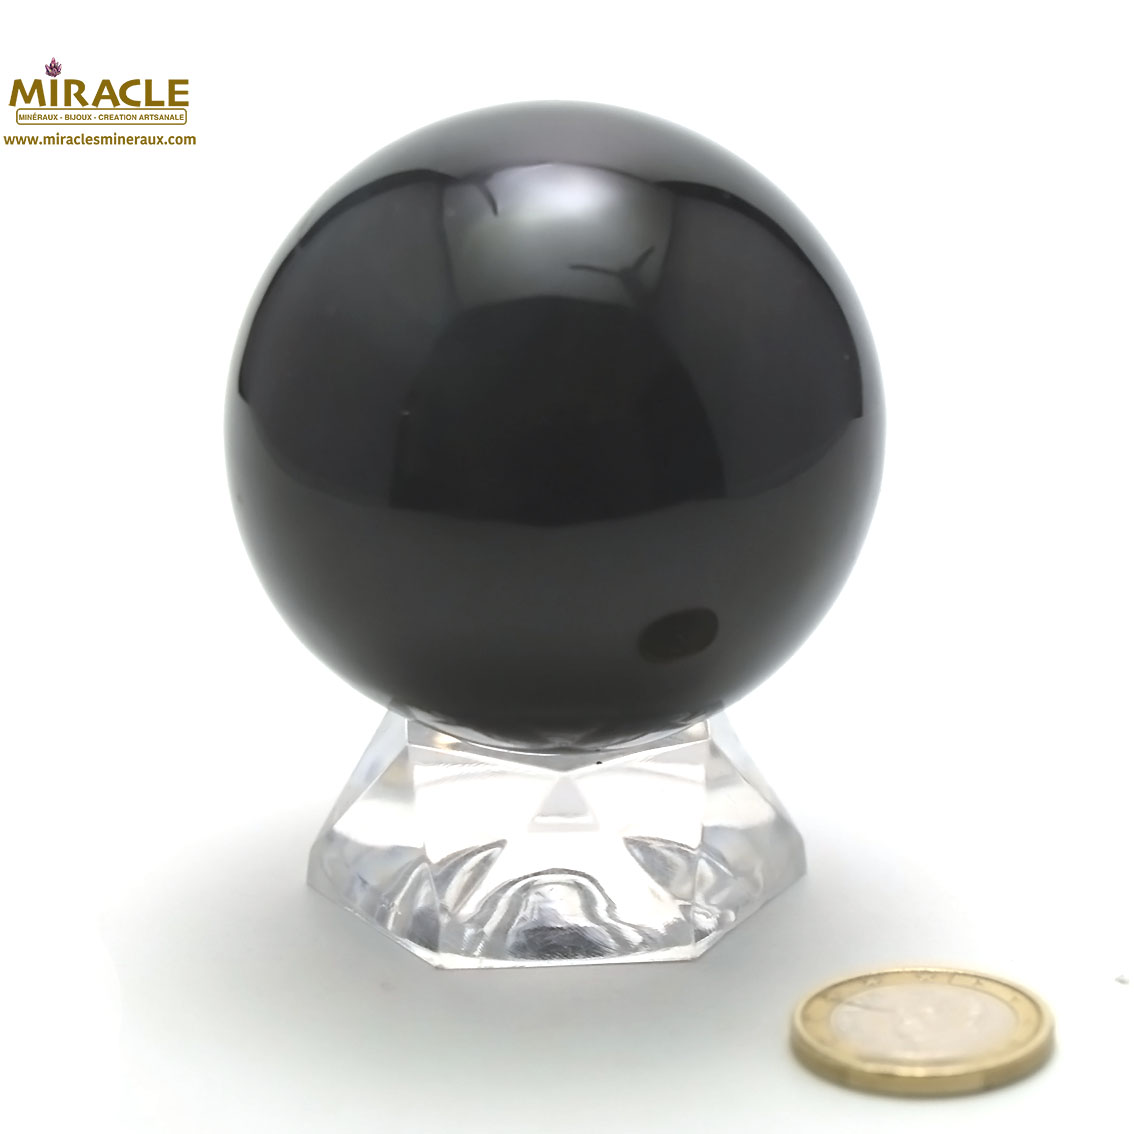 Magnifique sphère minéraux en obsidienne oeil céleste 6,7 cm